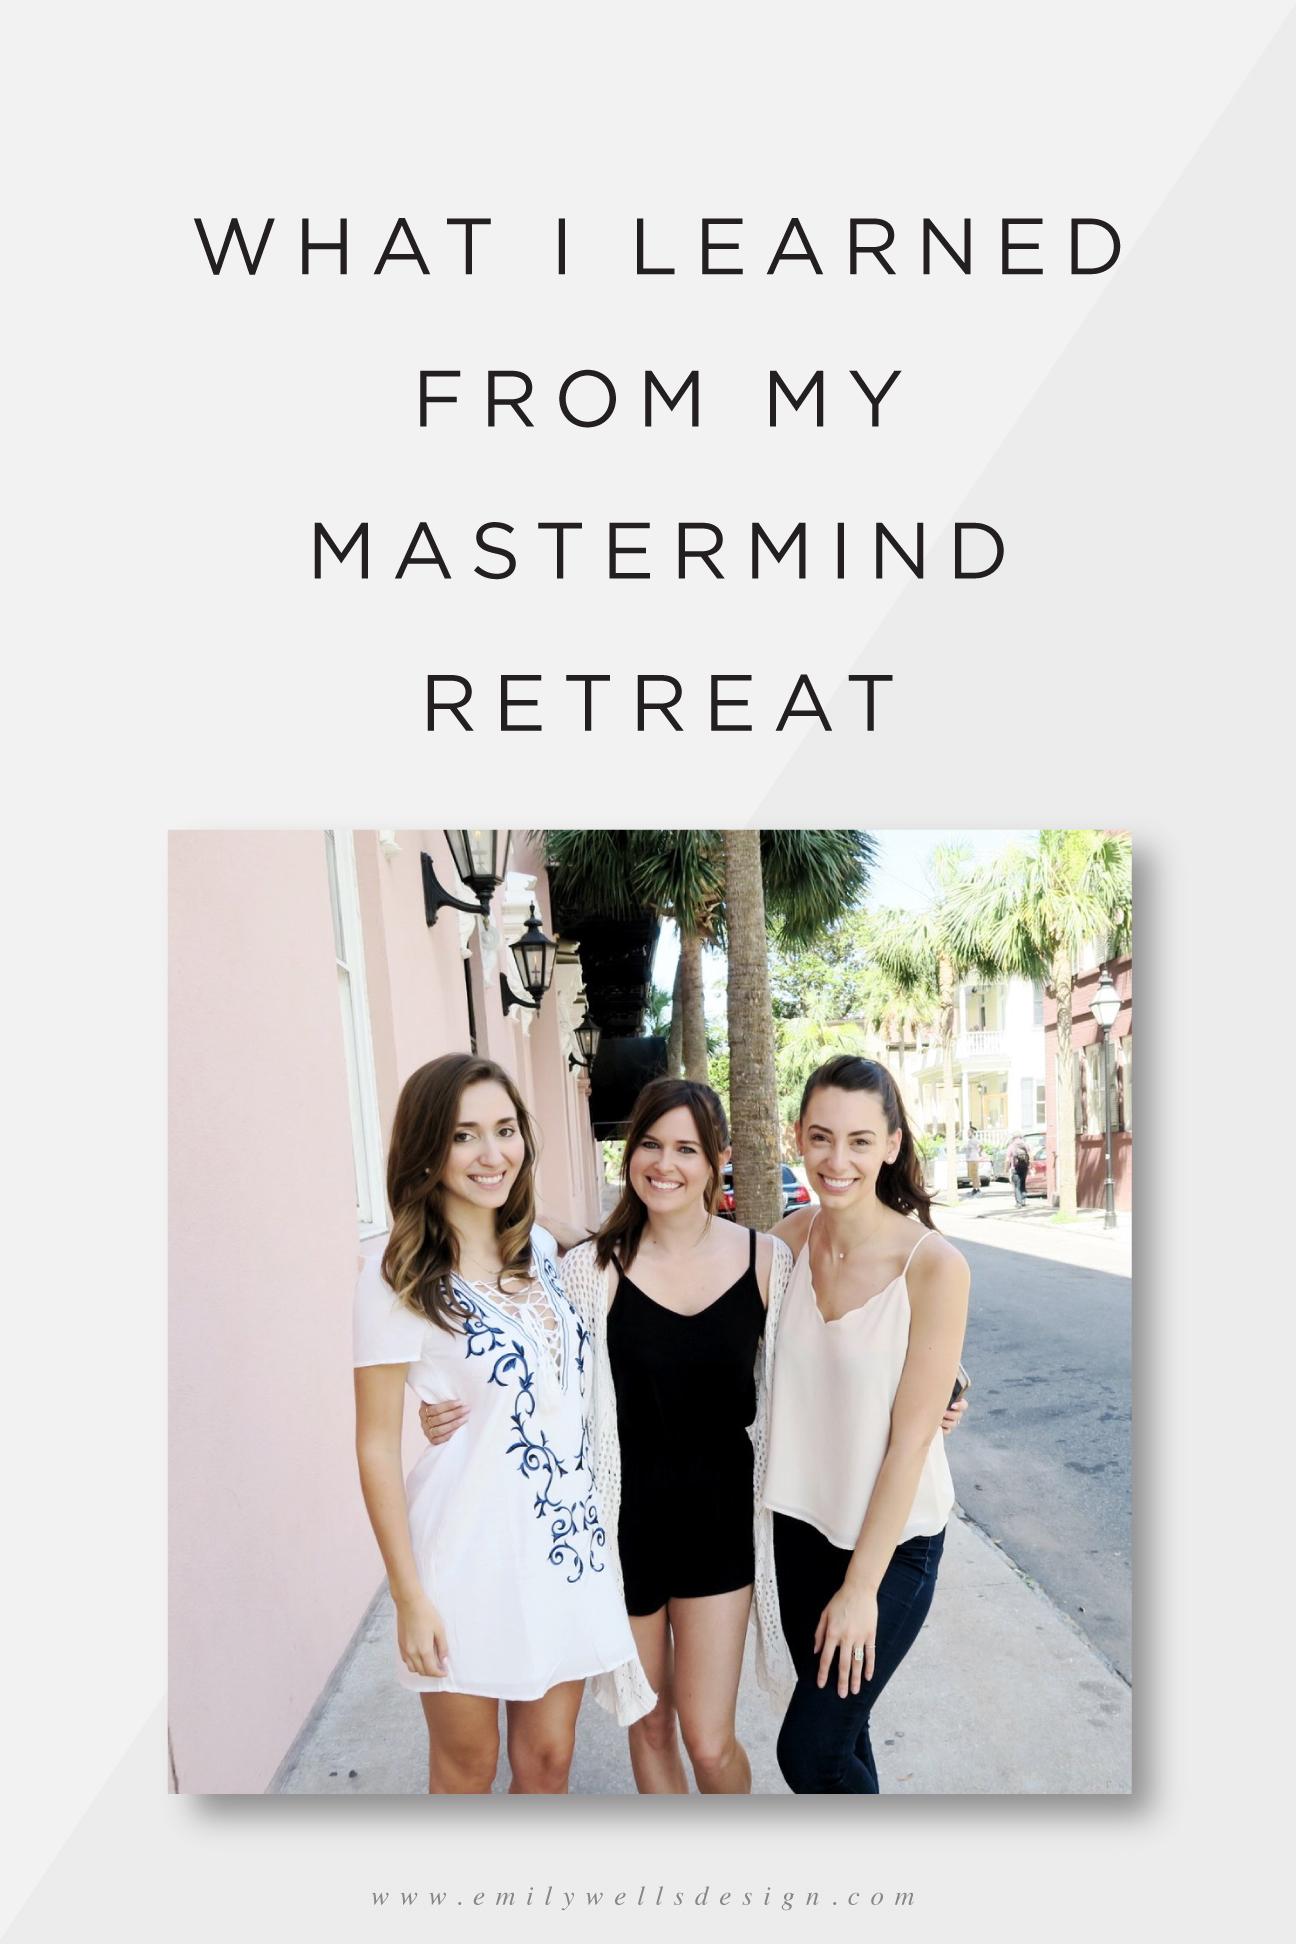 Mastermind Retreat in Charleston, SC